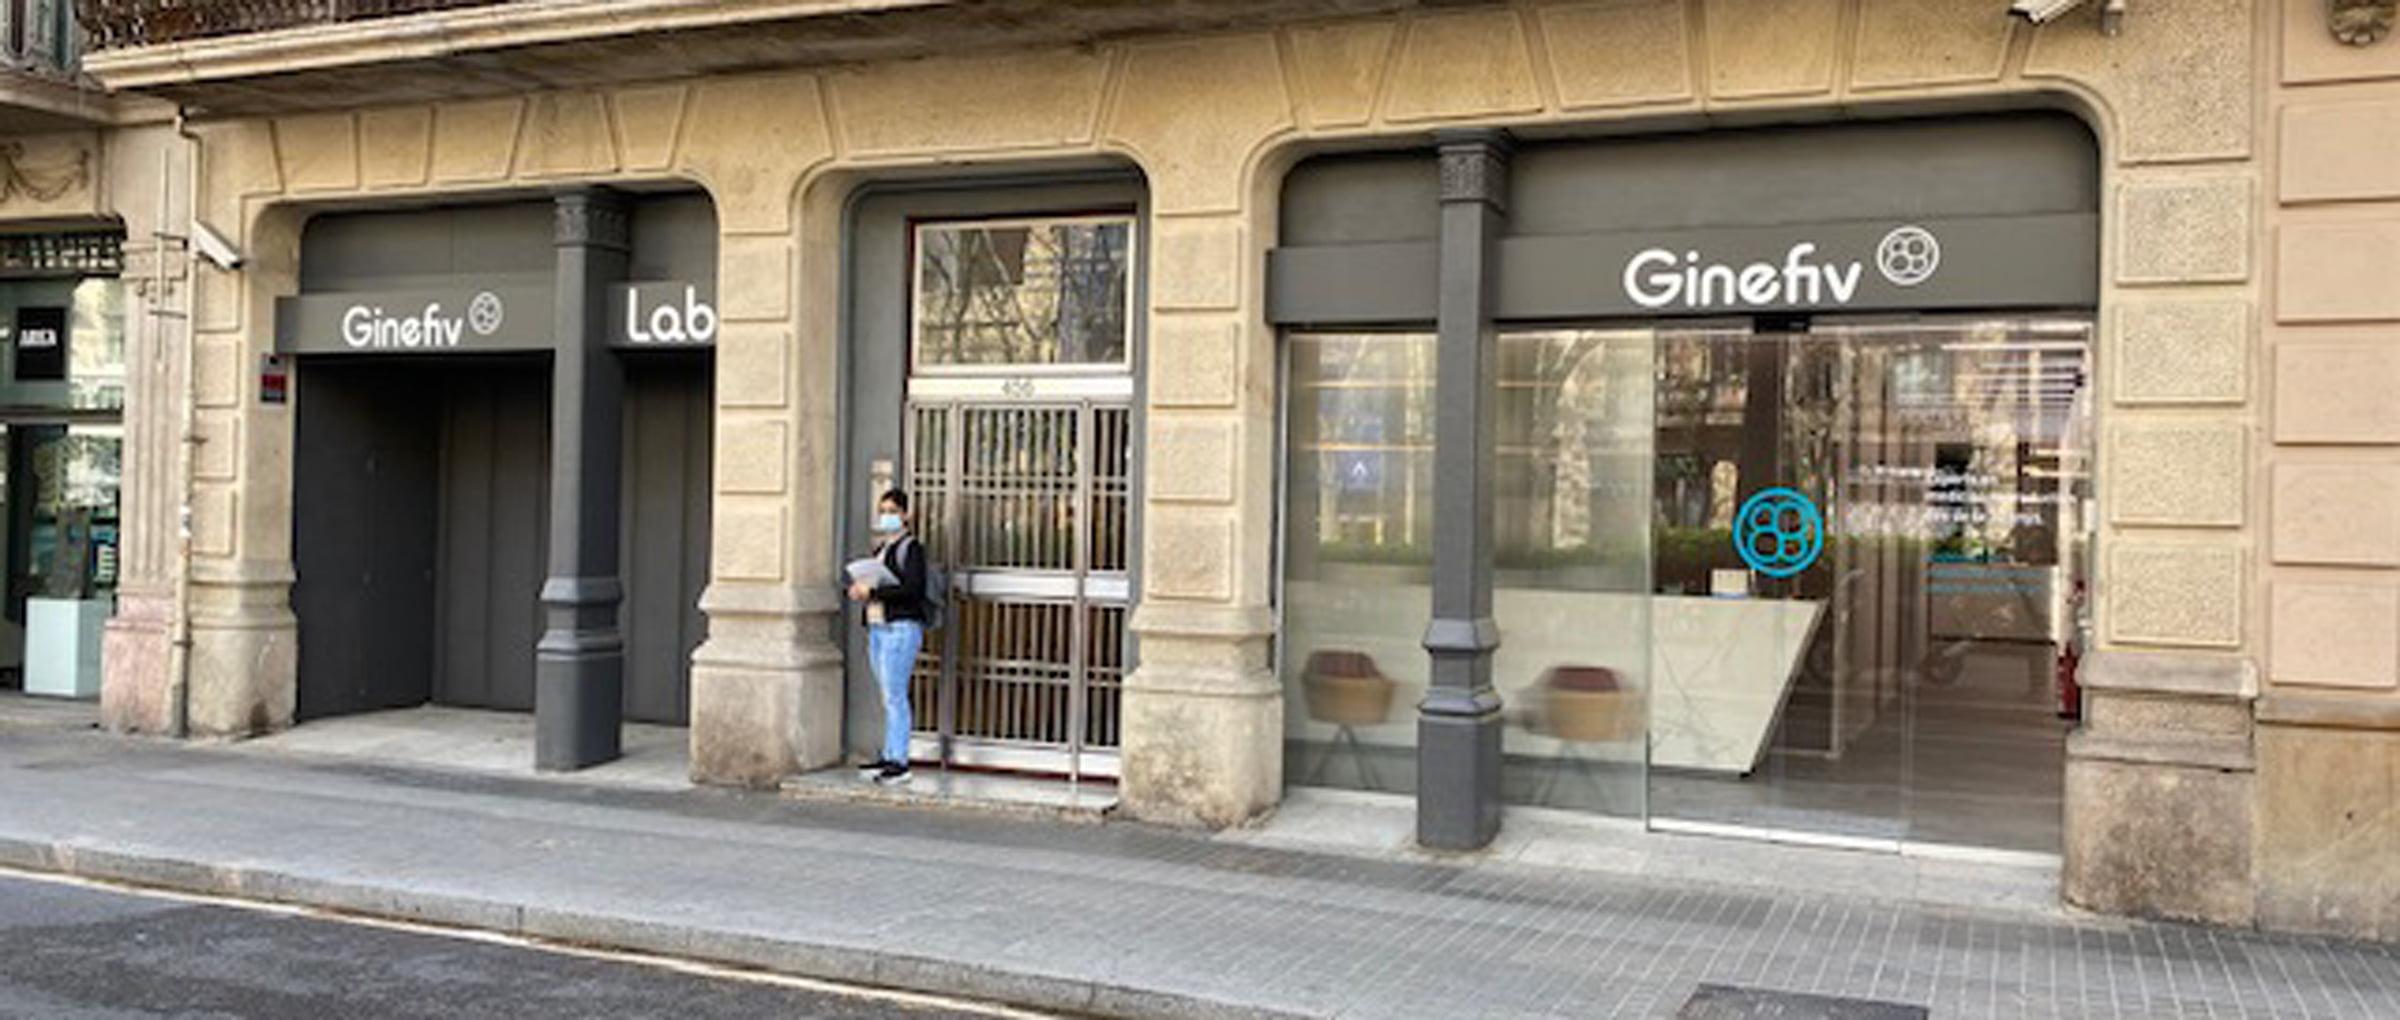 ginefiv-barcelona